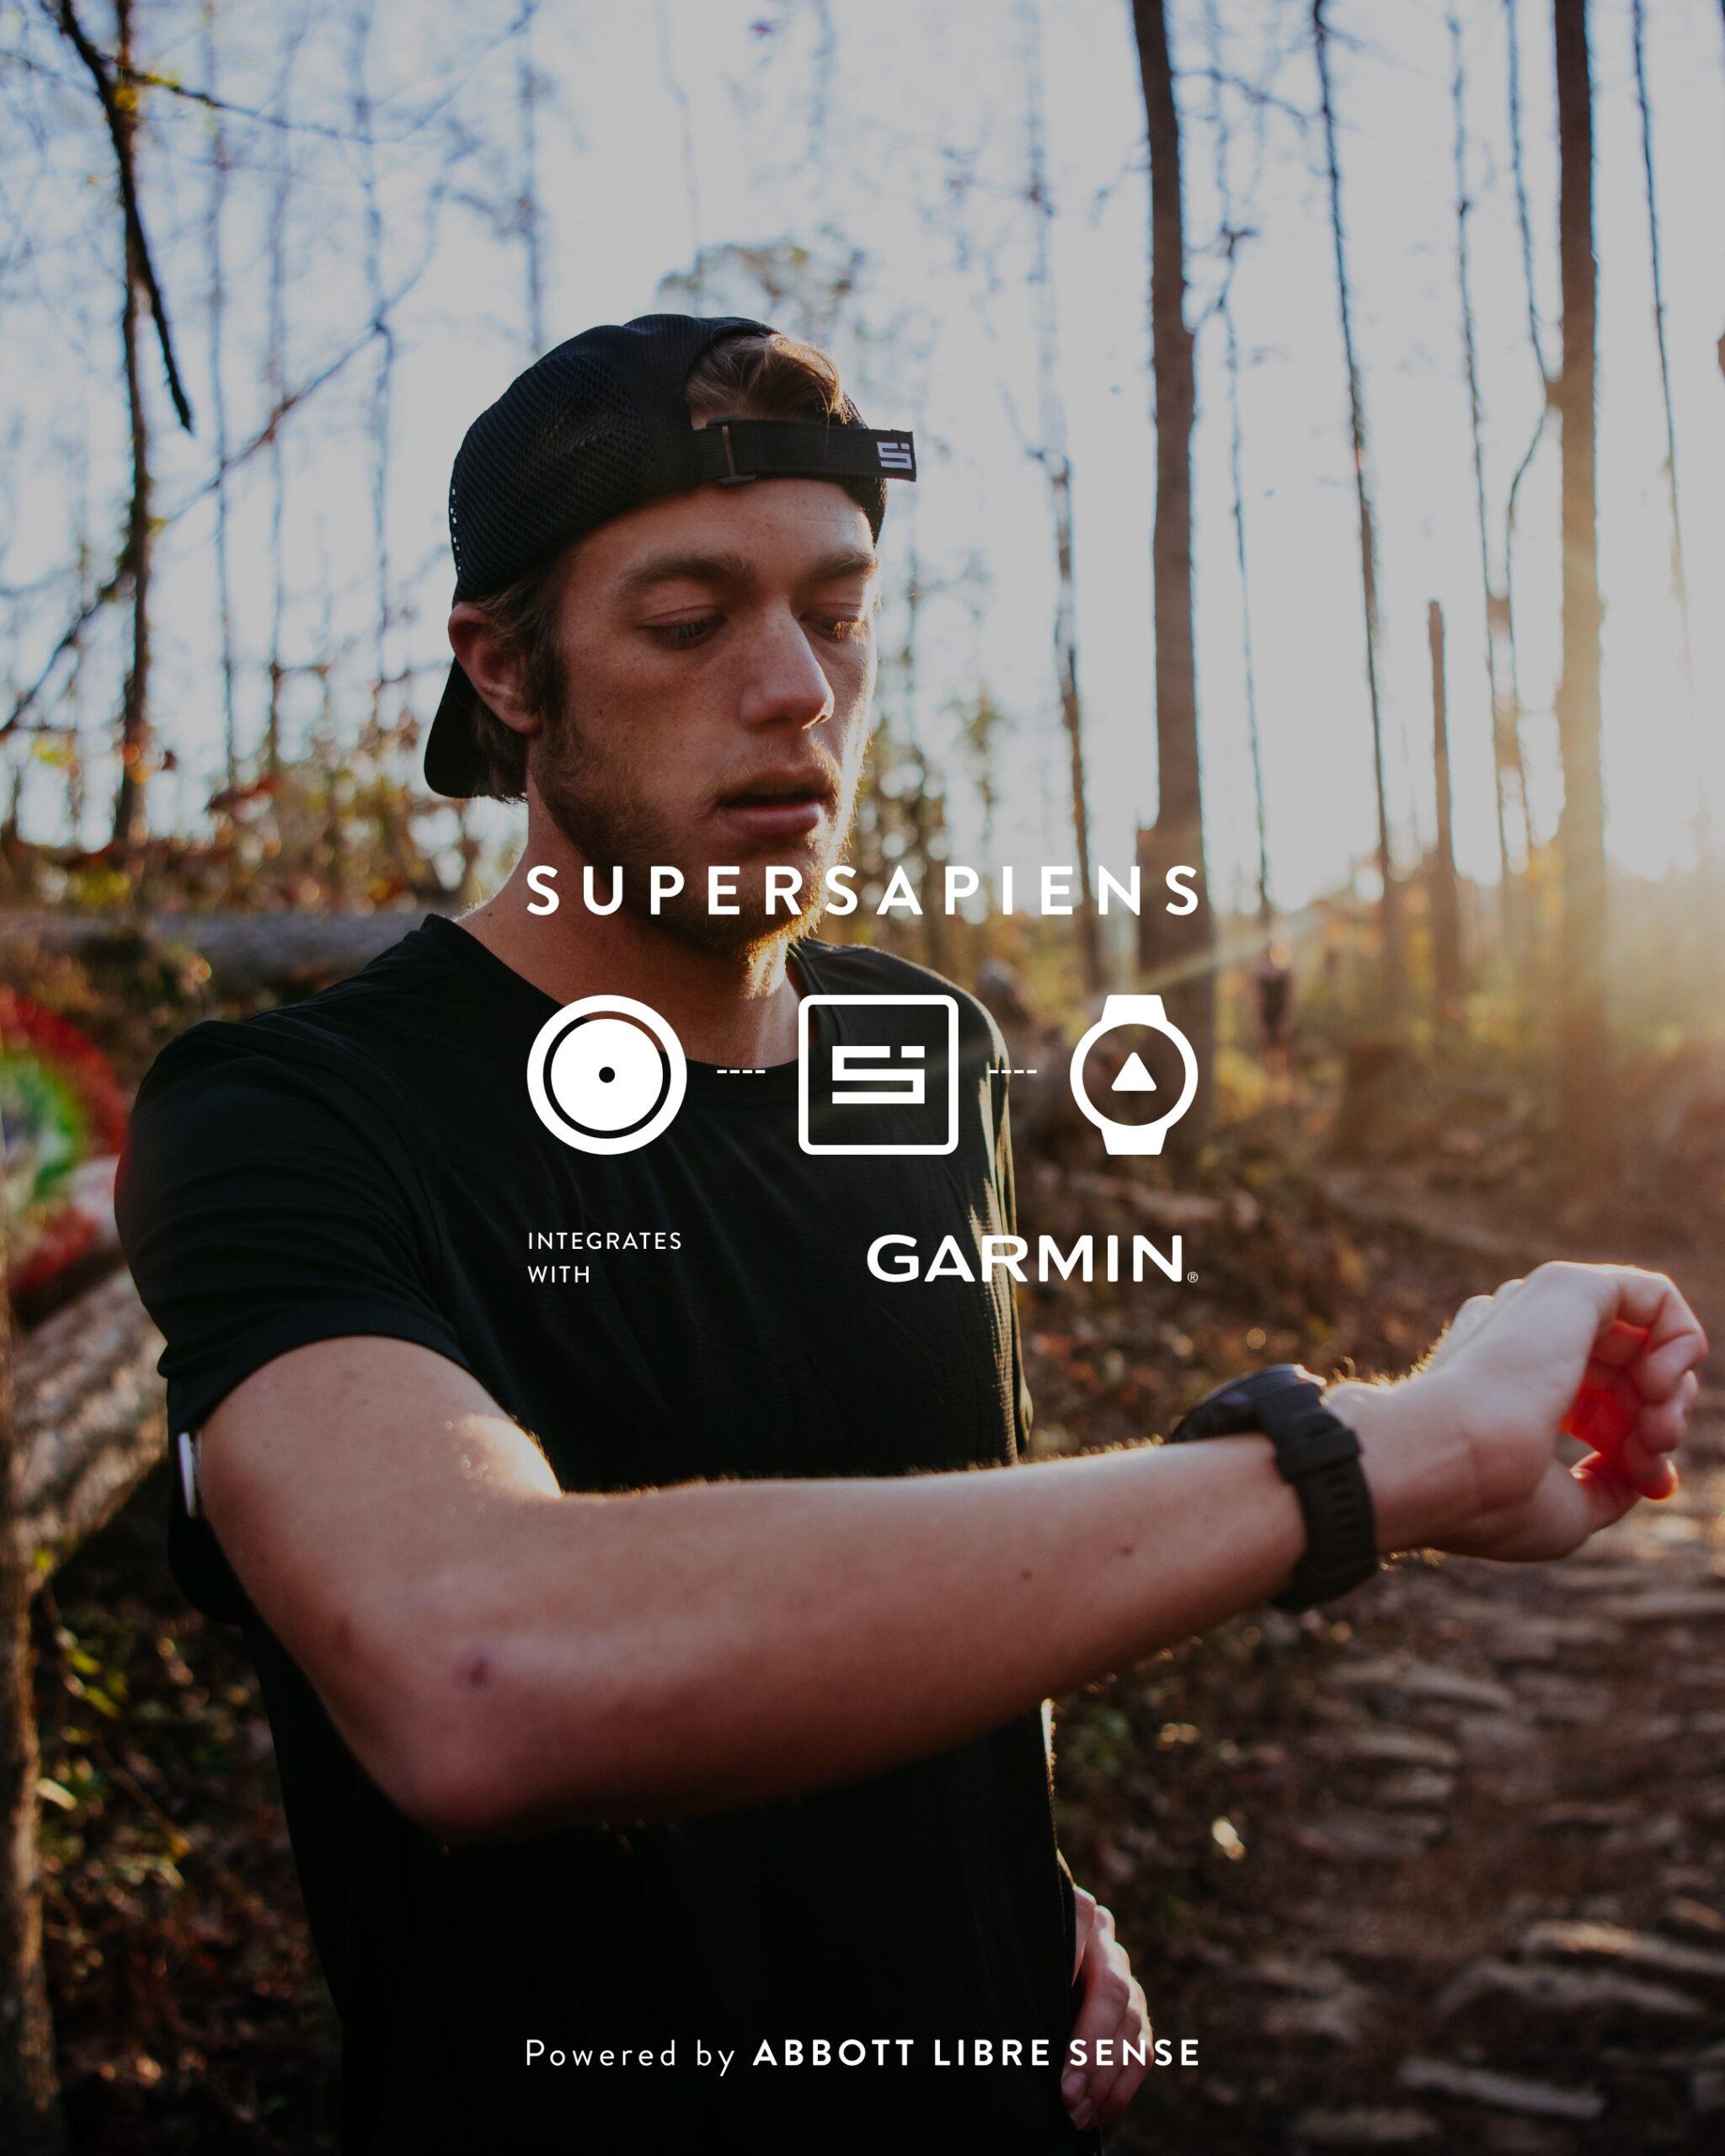 Supersapiens et Garmin